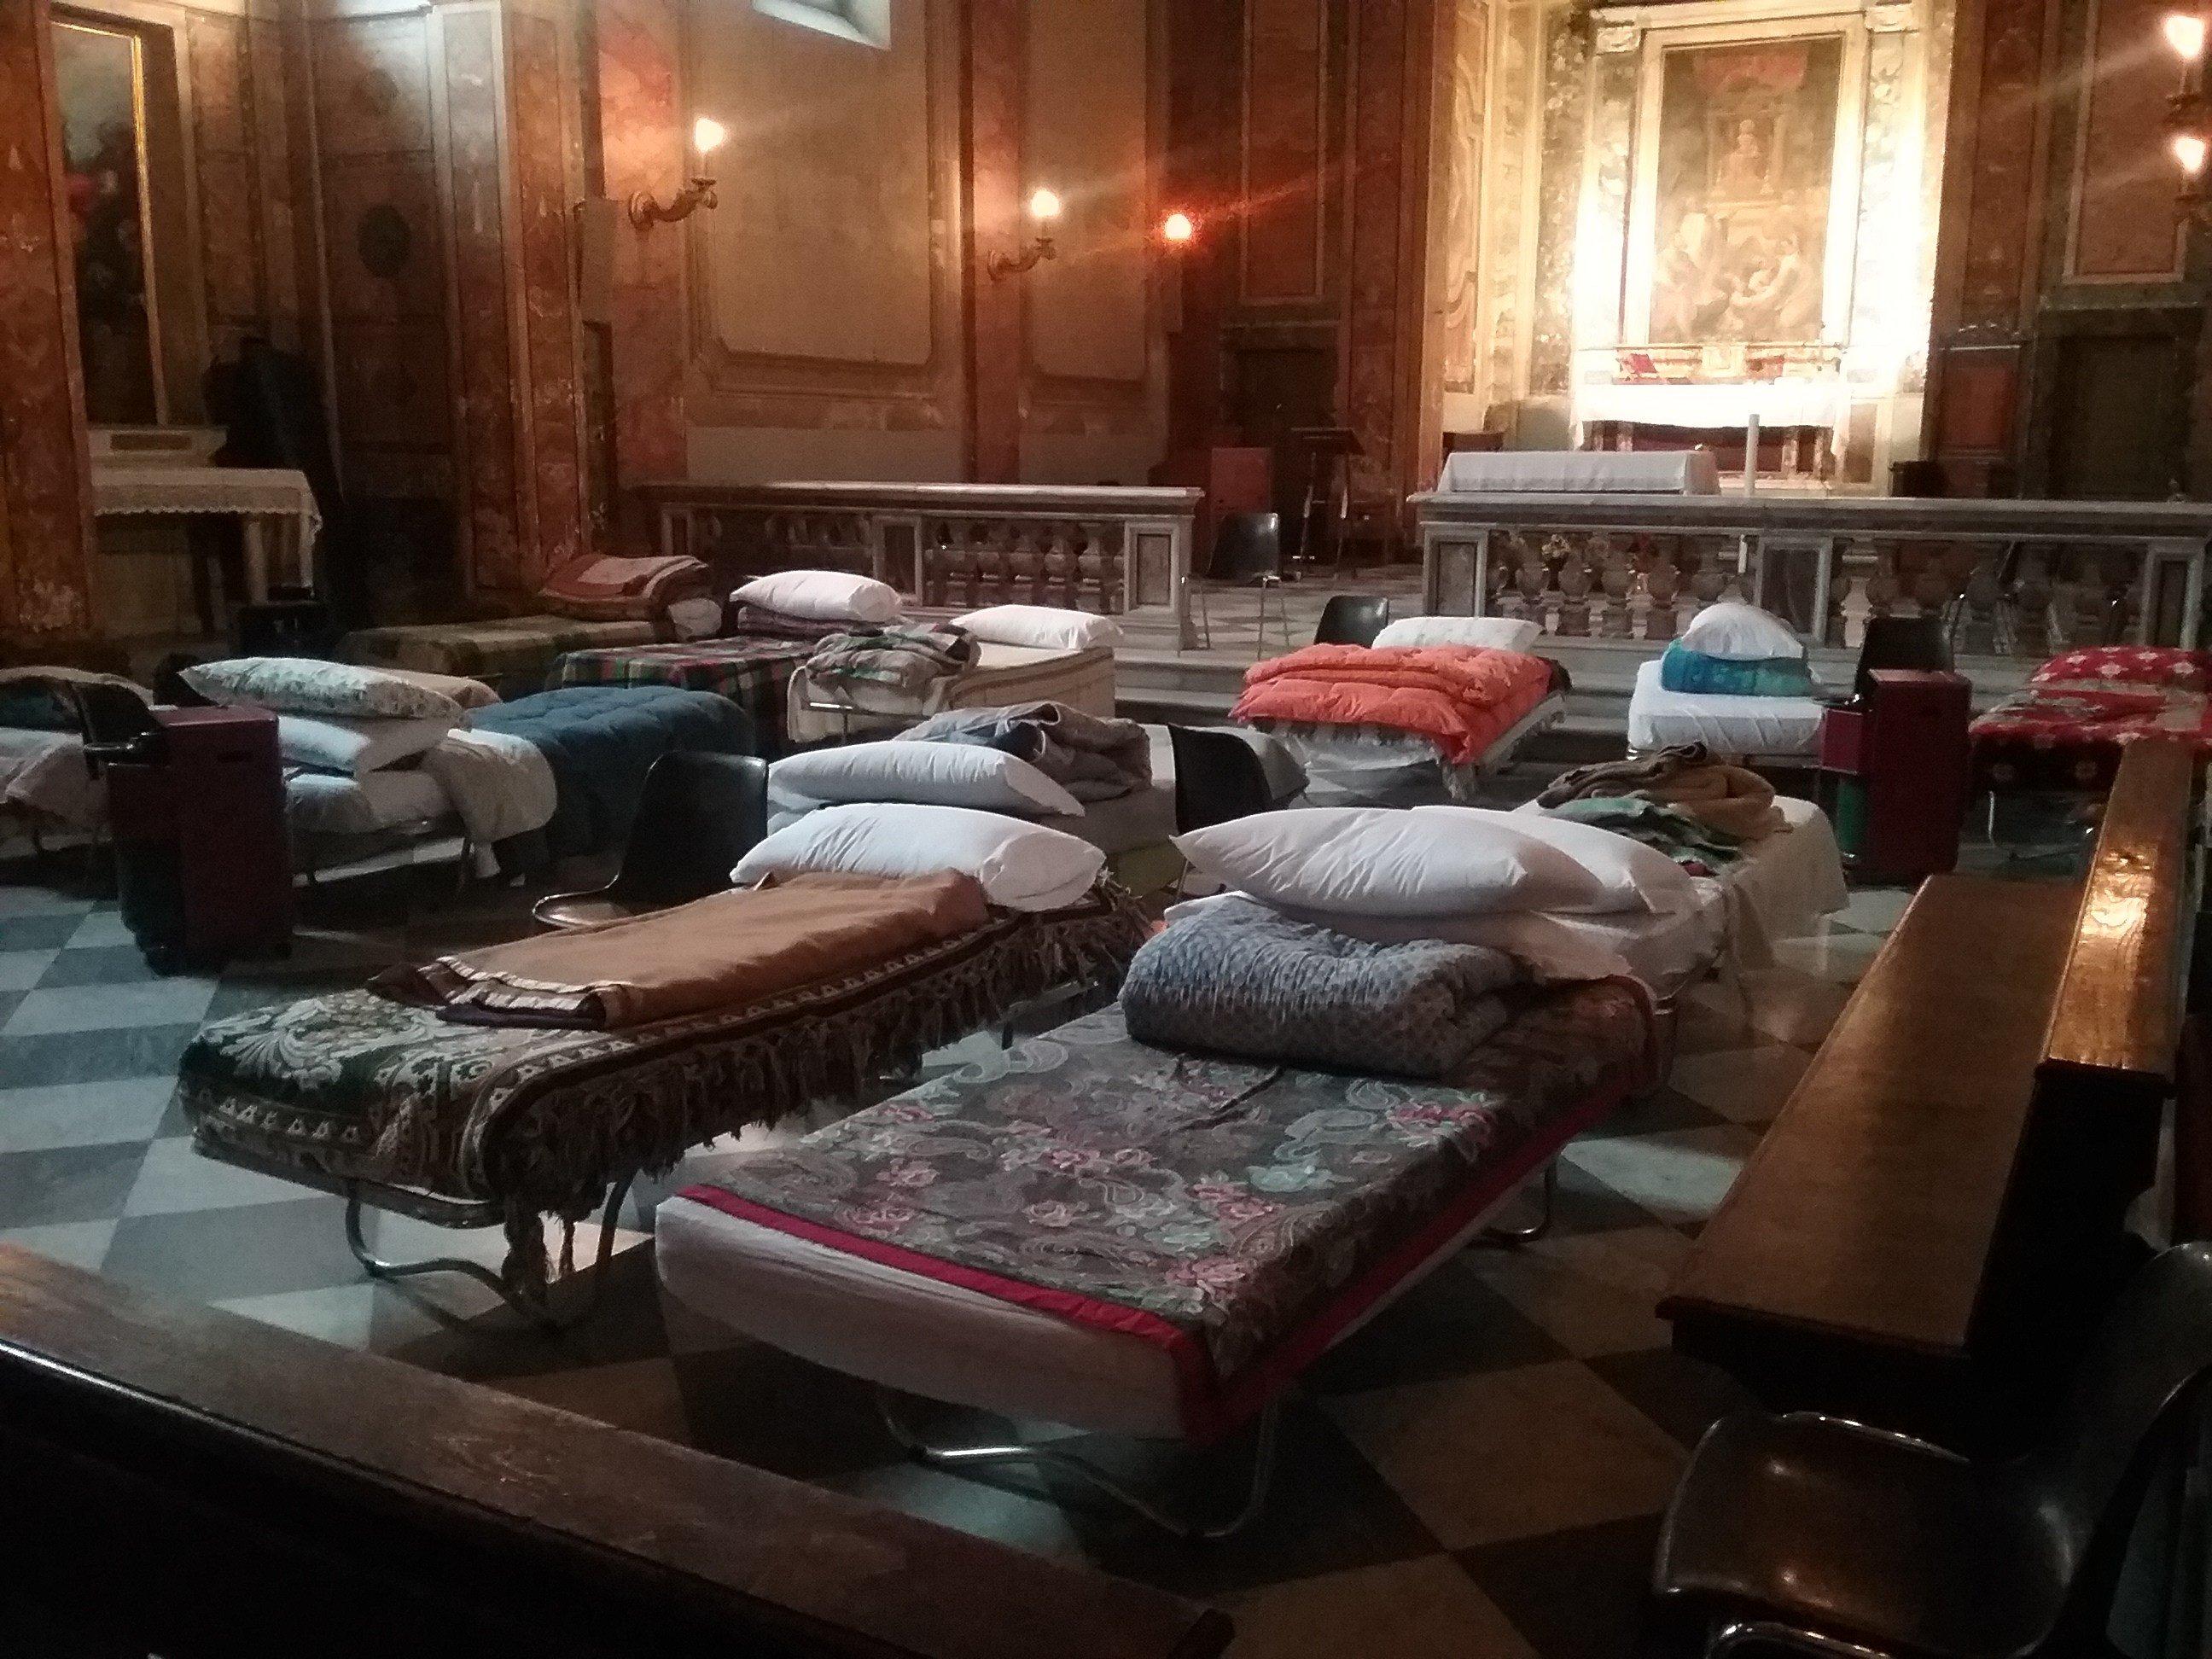 La iglesia de San Calixto, refugio para los sin techo